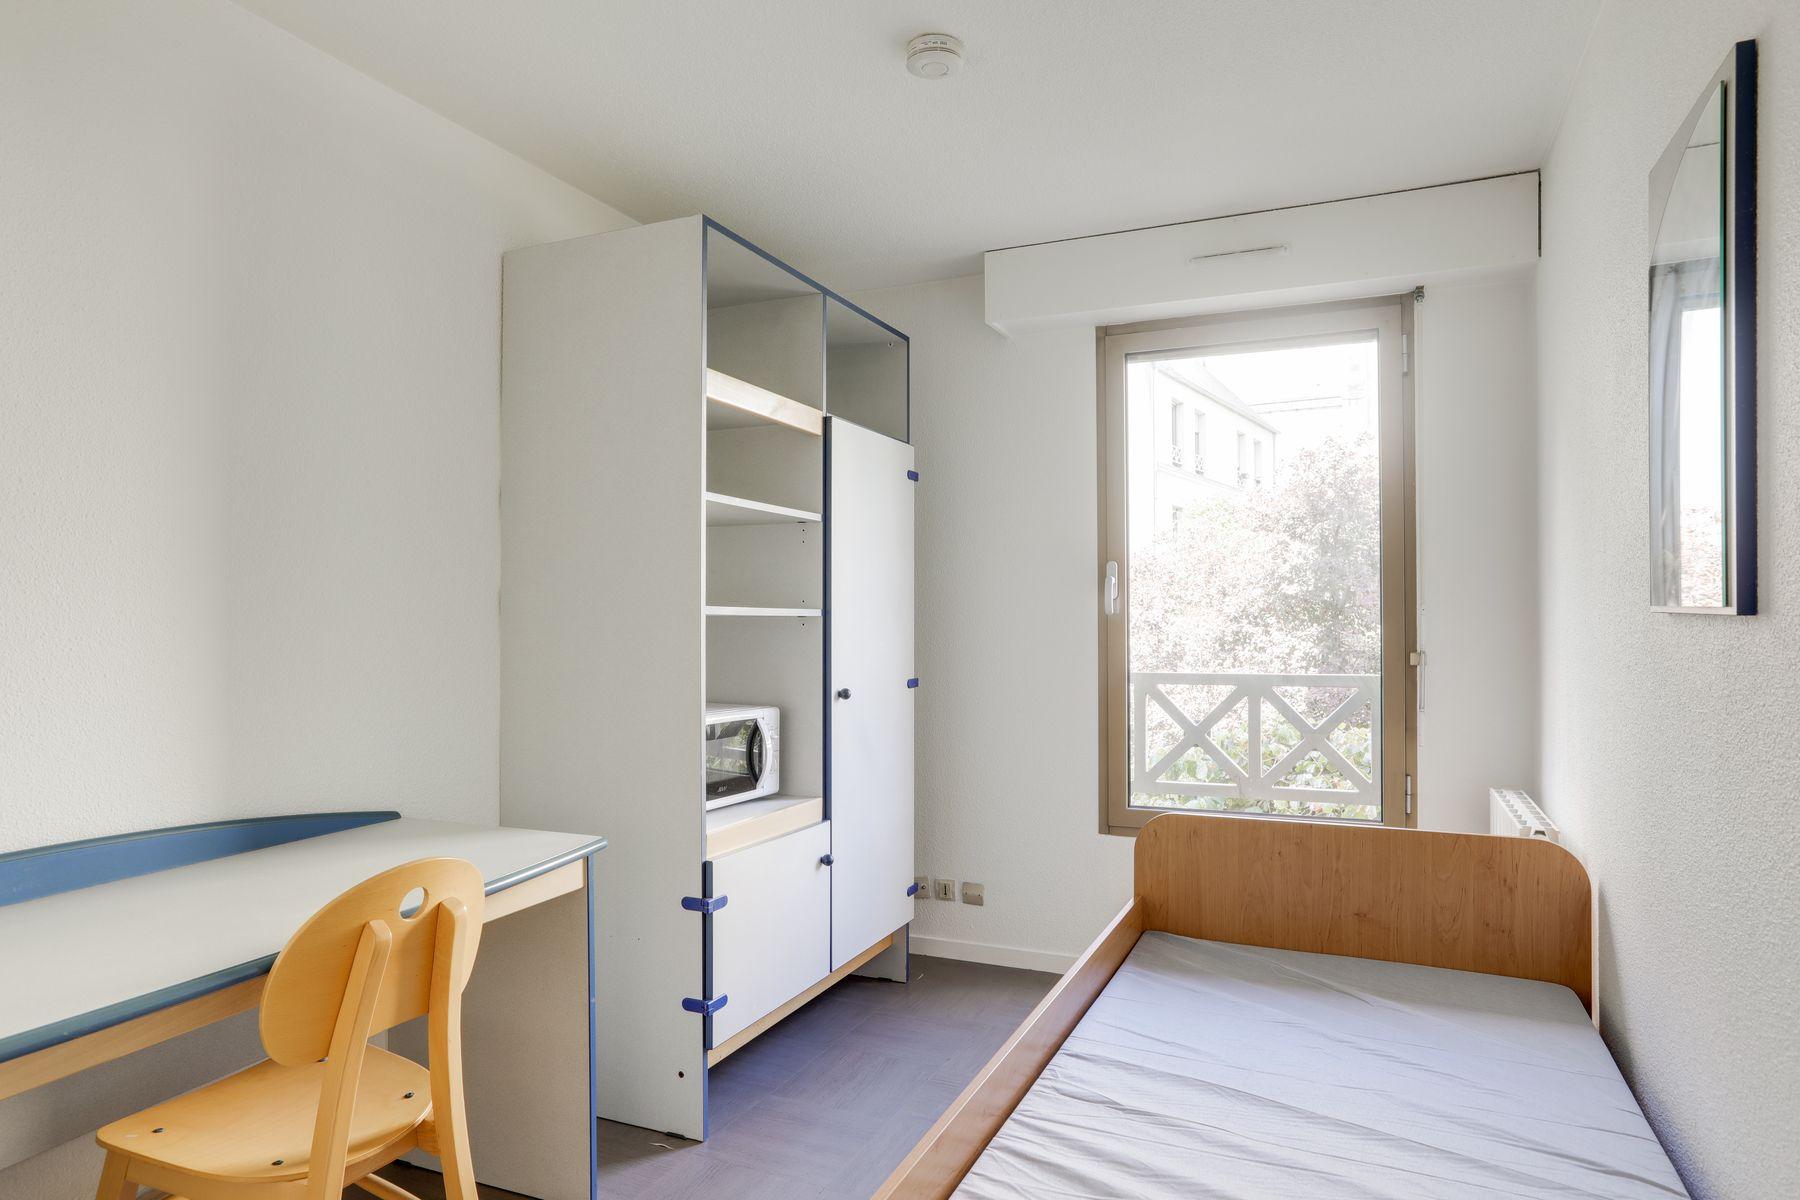 LOGIFAC résidence étudiante Corneille Rouen placards chaise table